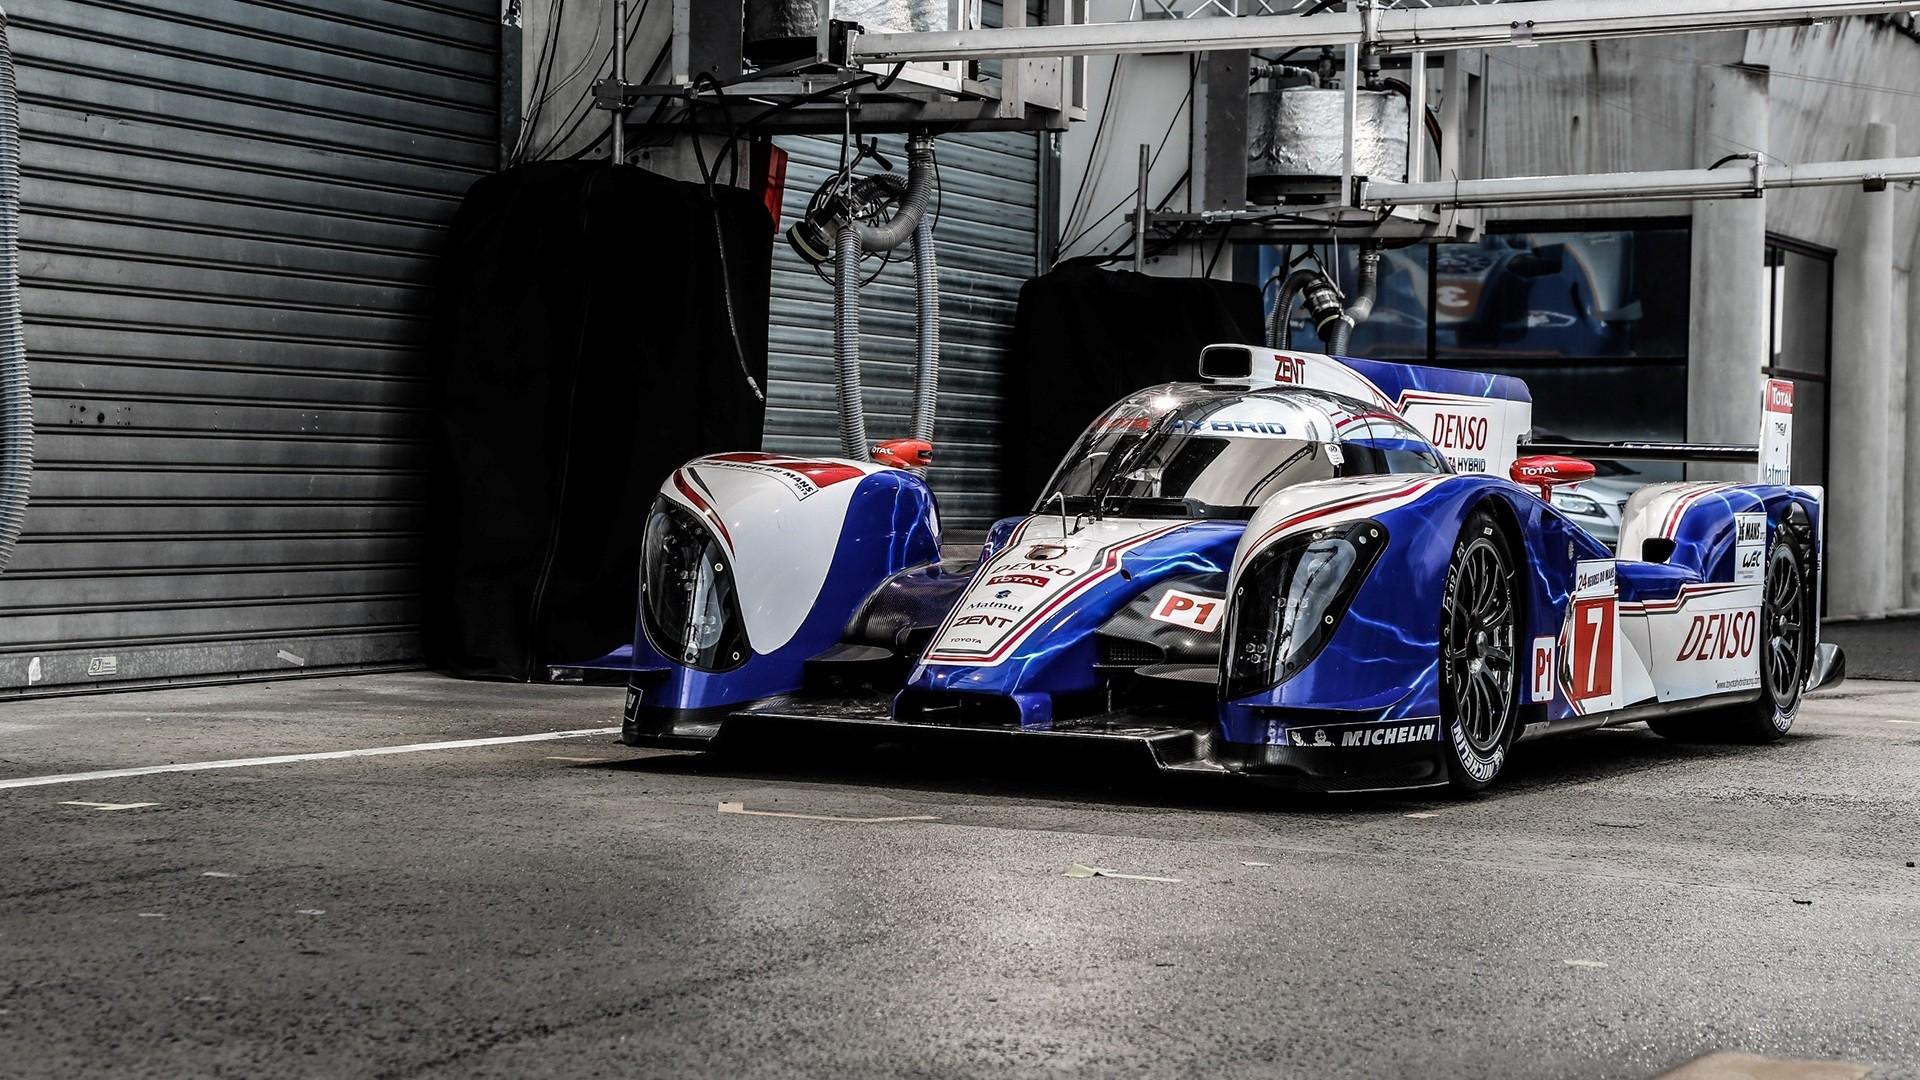 Cars Japanese Toyota Le Mans Racing Cars Hour Endurance Race